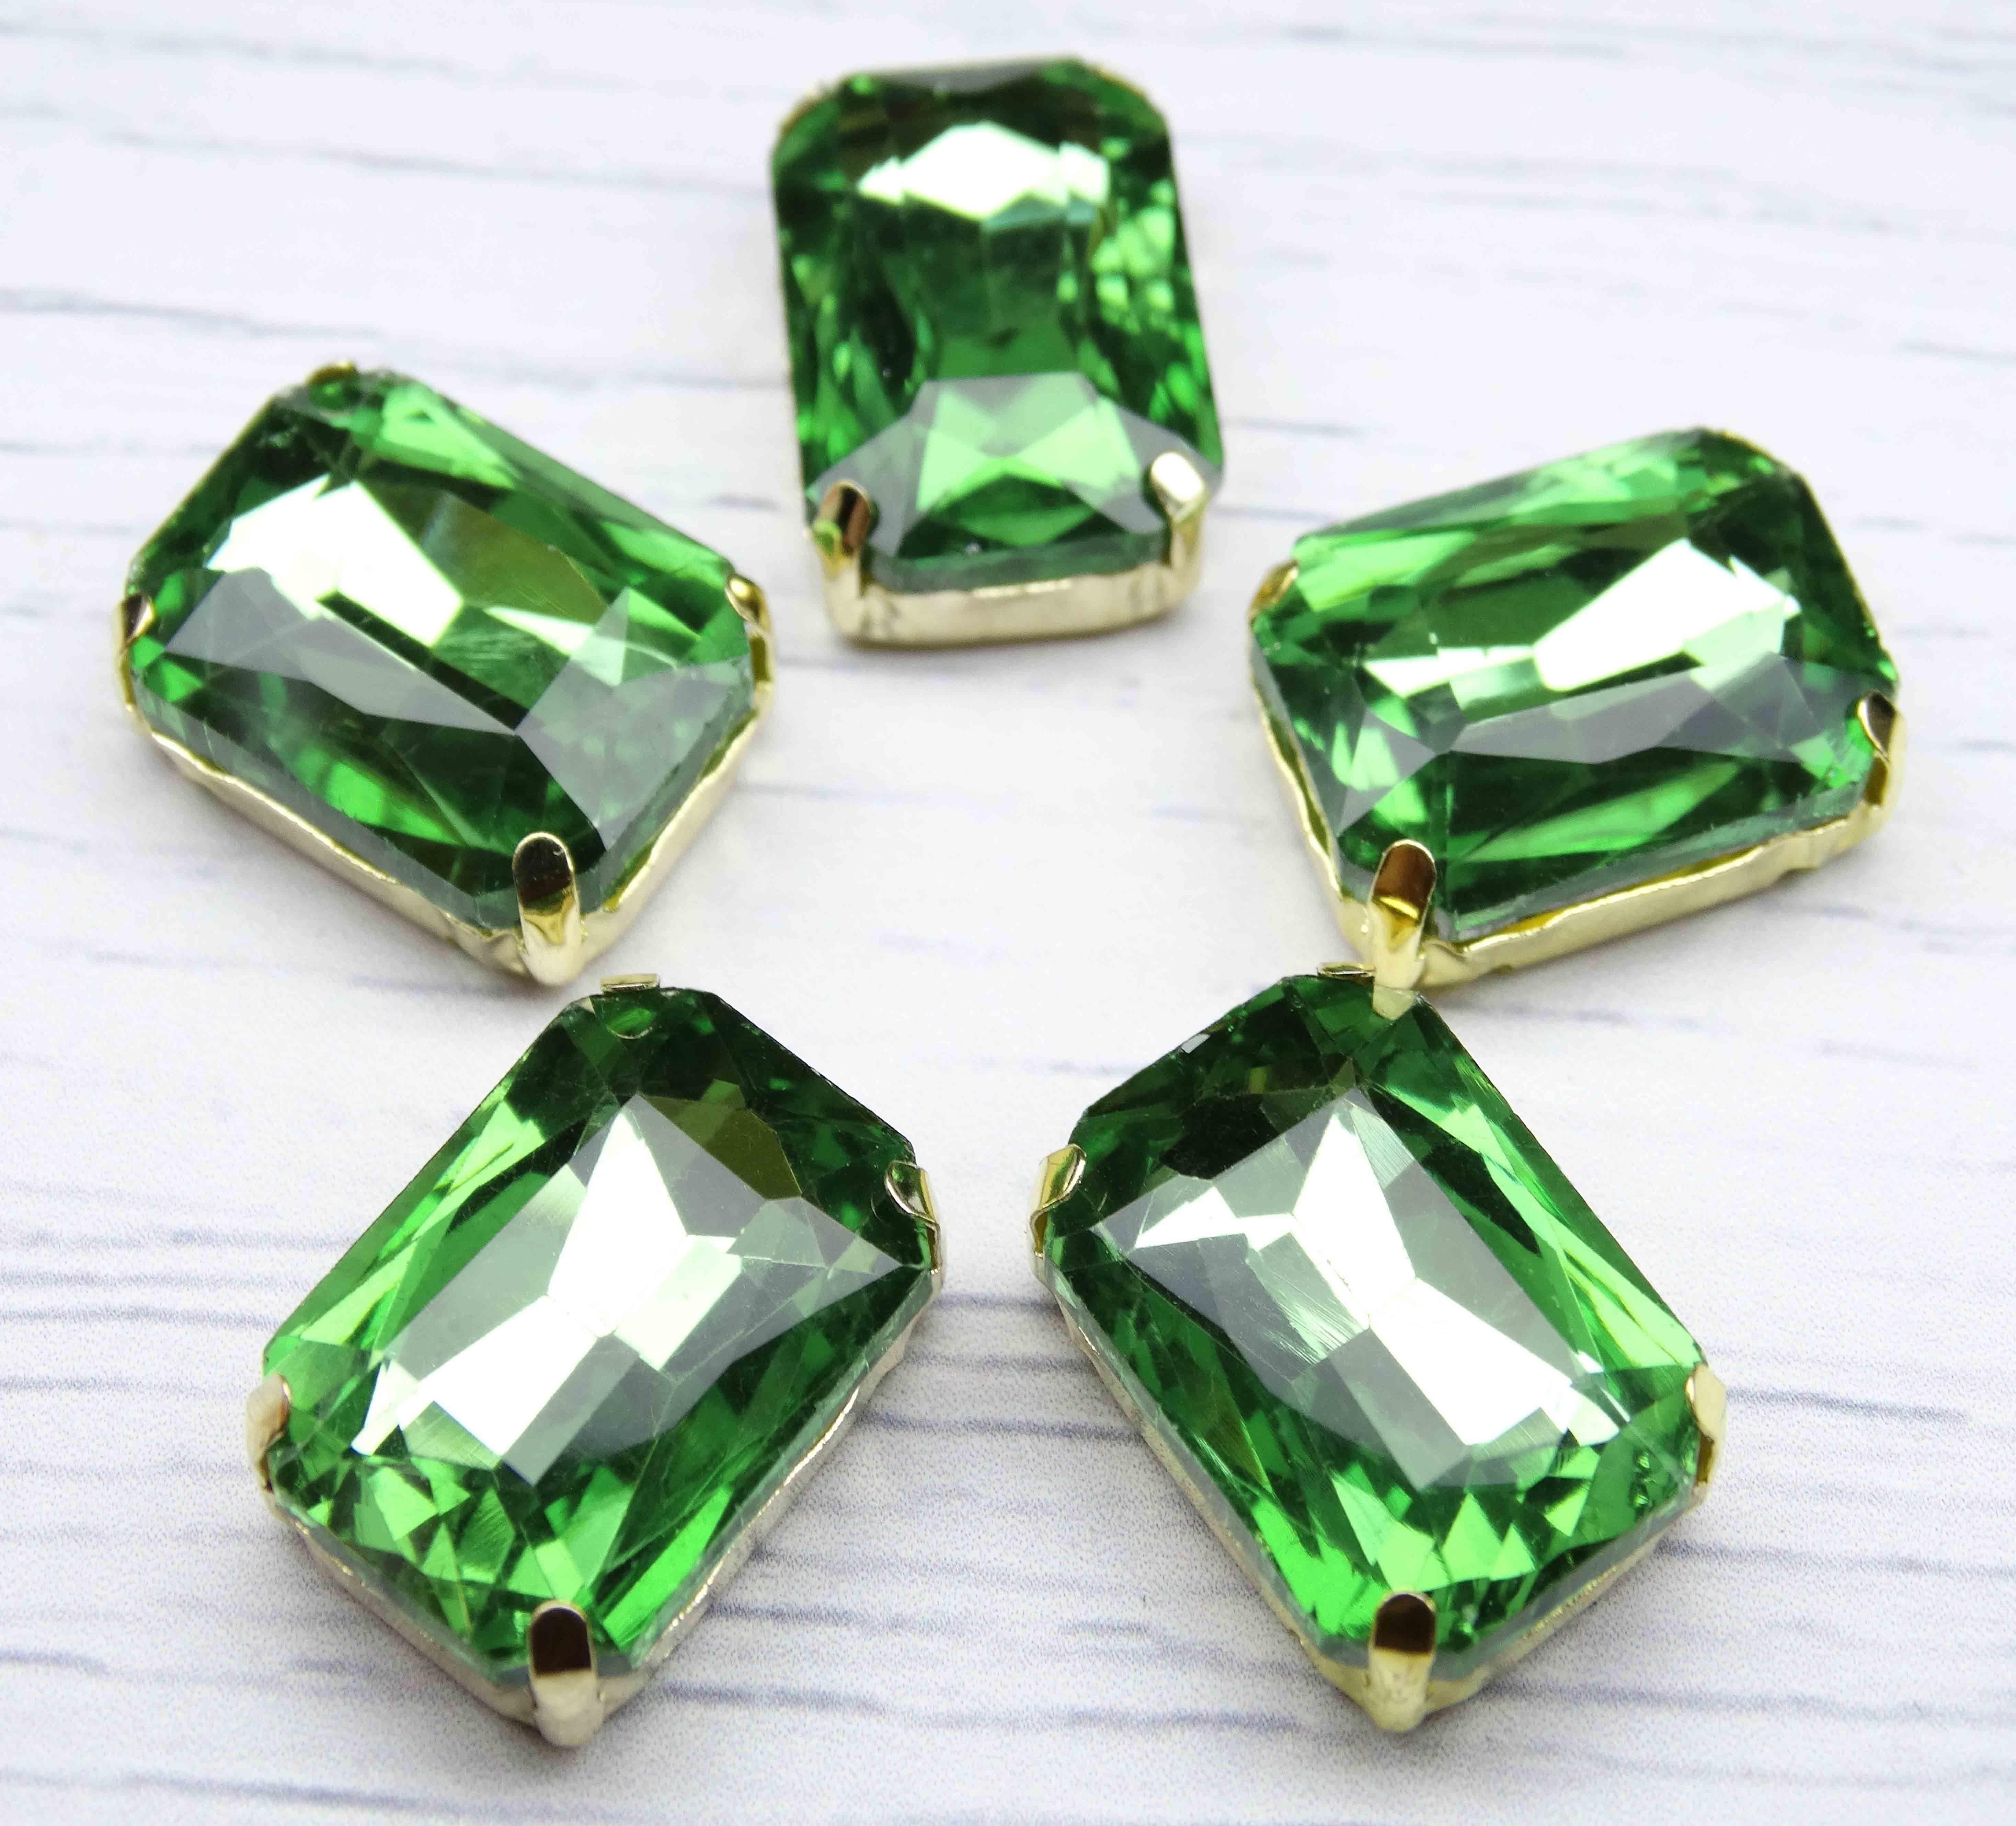 ПЦ006НН1318 Хрустальные стразы в металлических цапах (золото) Светло-зеленый 13х18 мм 3 шт/упак.